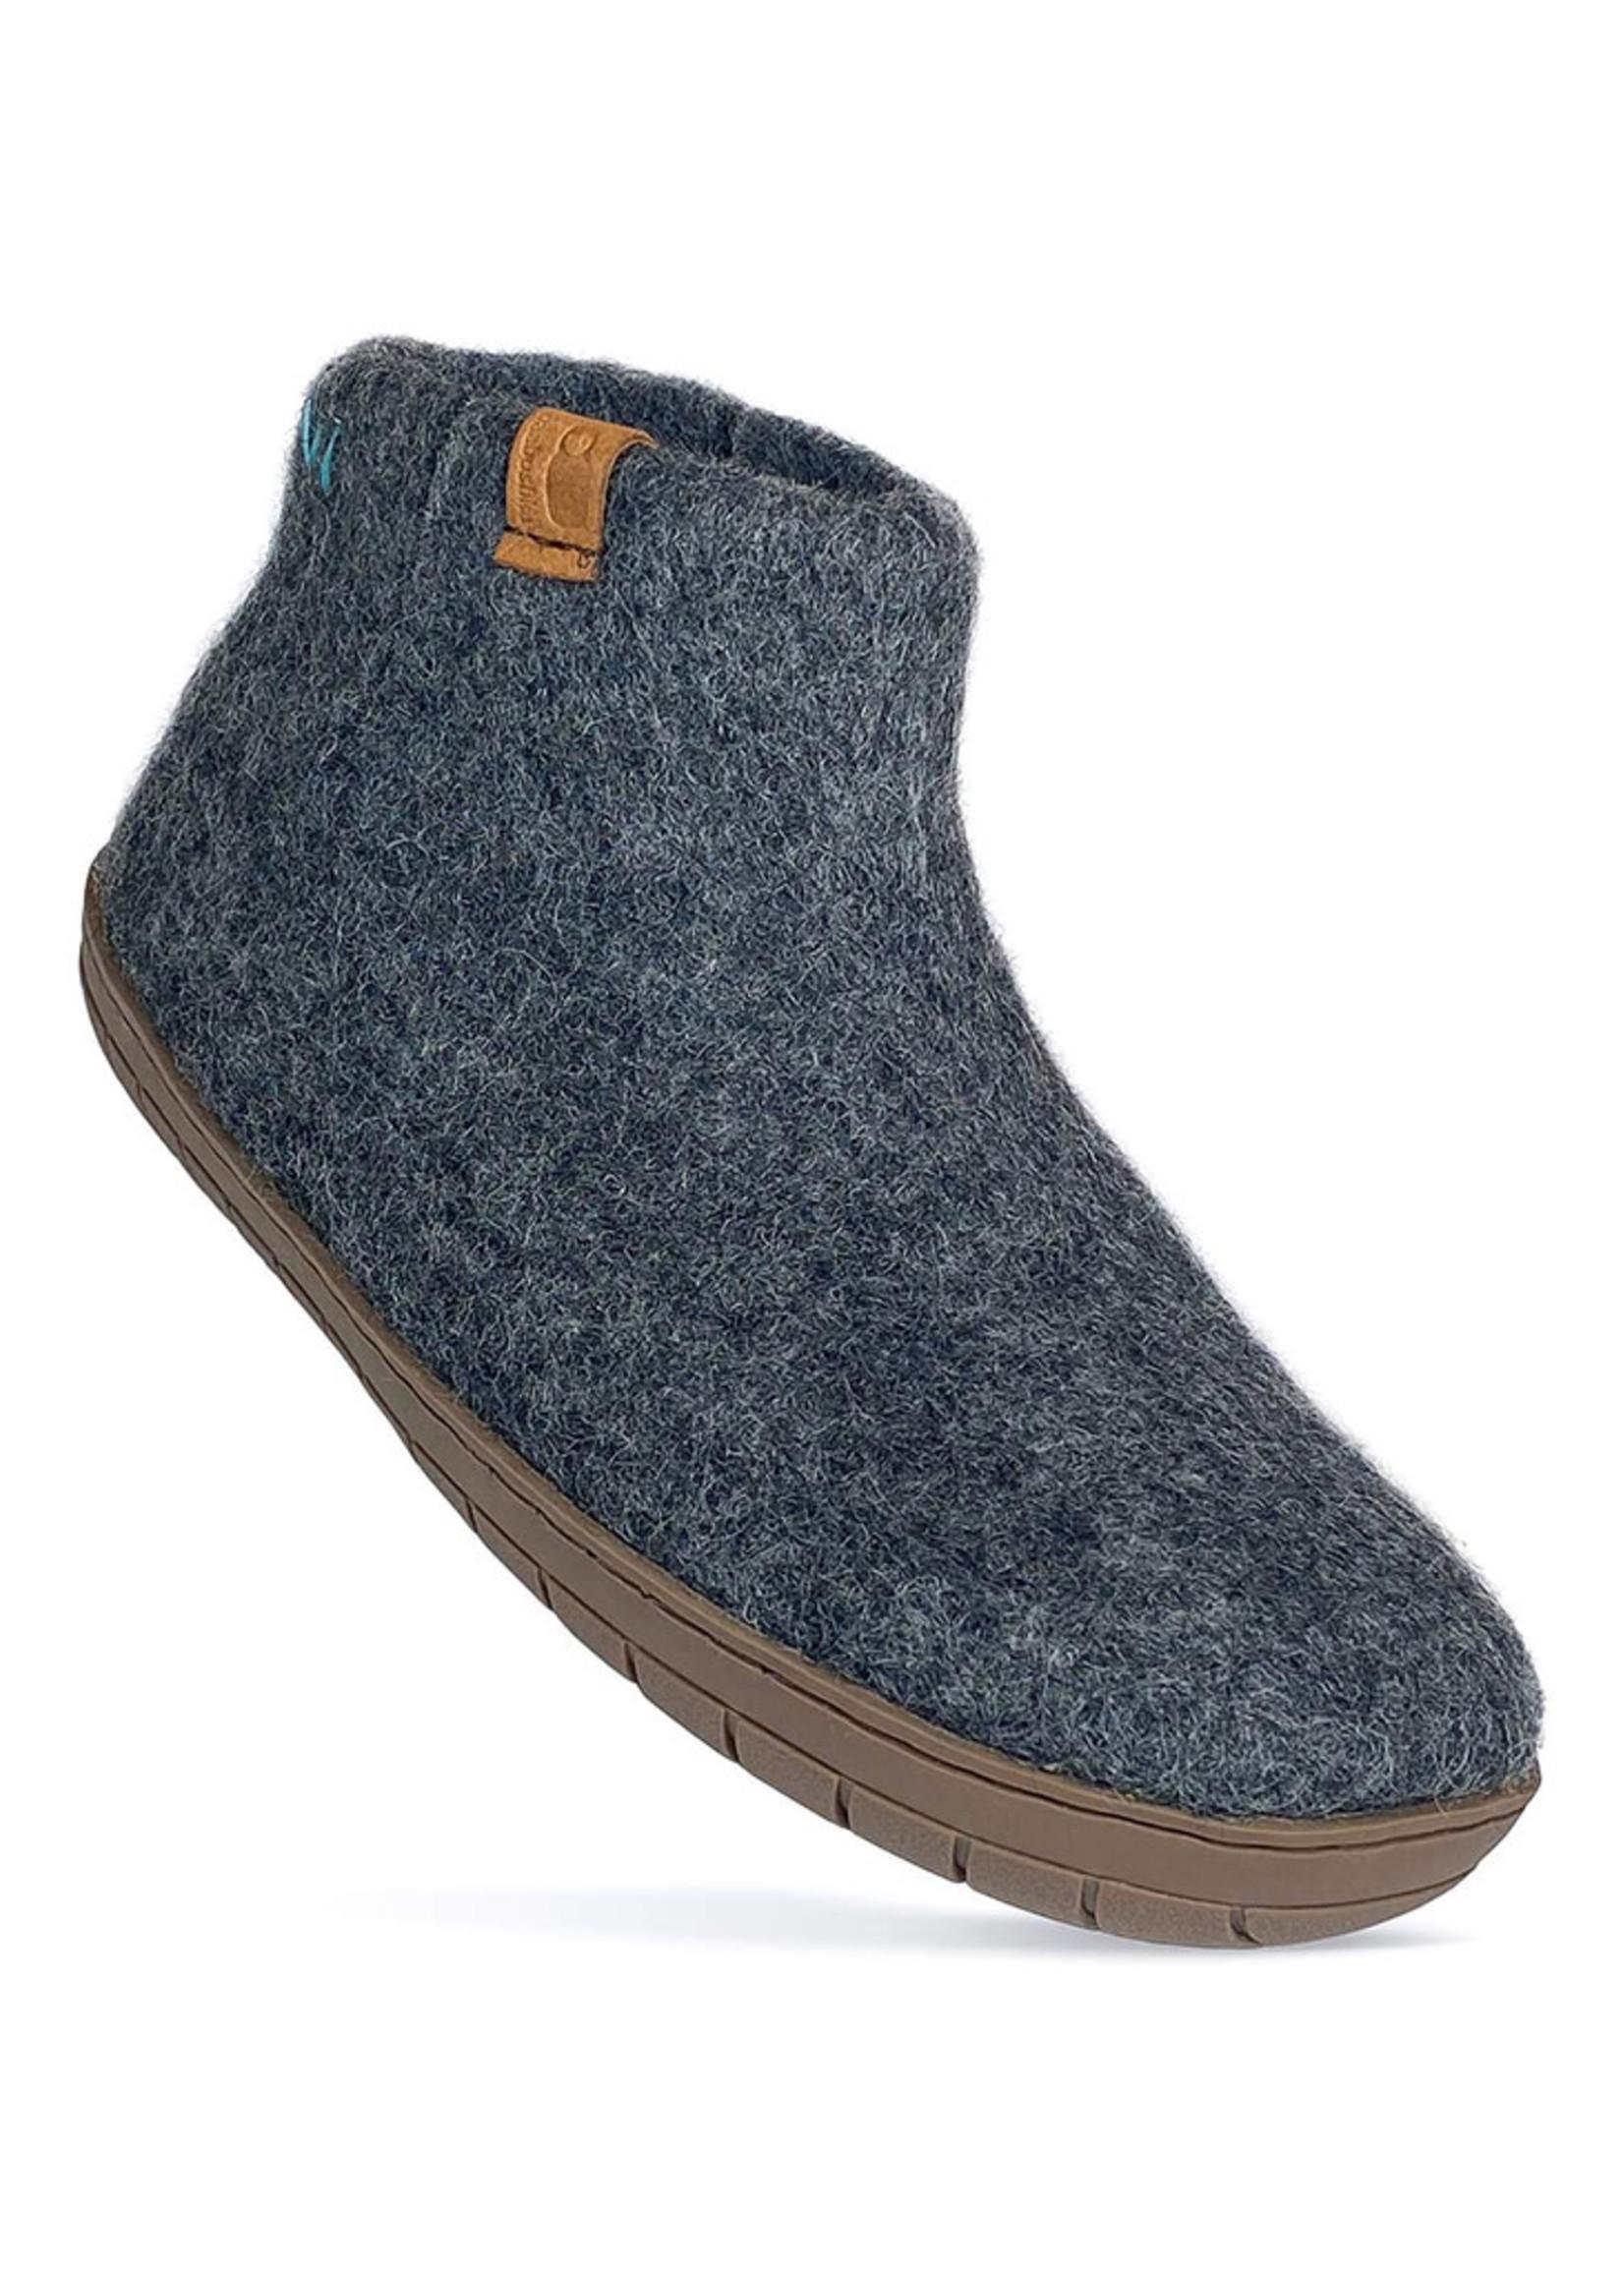 Baabushka Dark Grey Booties Wool With Rubber Sole